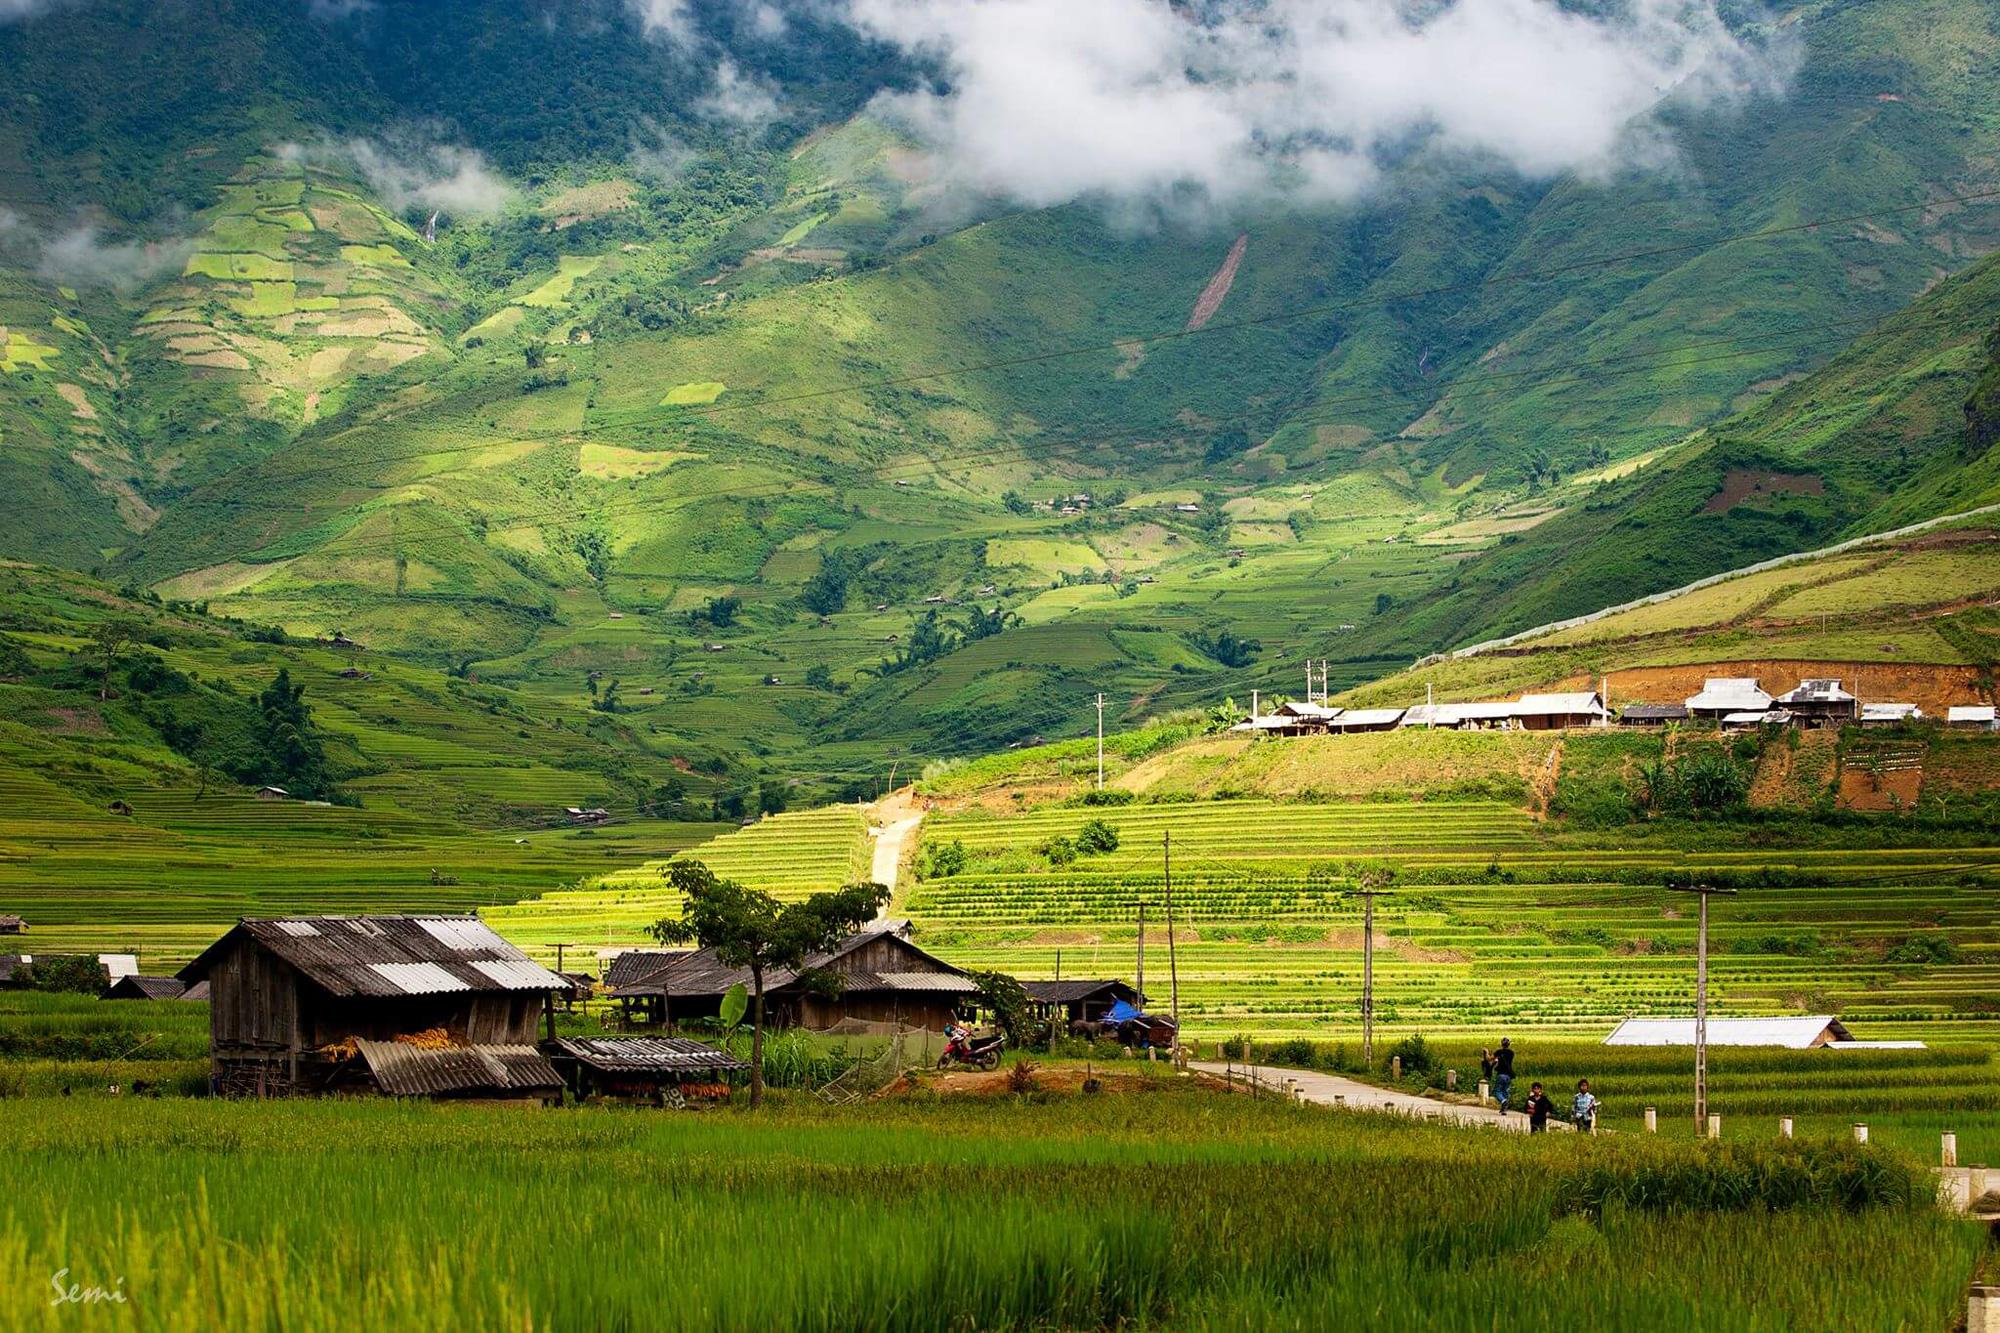 Giá đất Sa Pa cao ngang ngửa mặt phố Hà Nội, cầm 20 tỷ vẫn khó đầu tư - Ảnh 2.